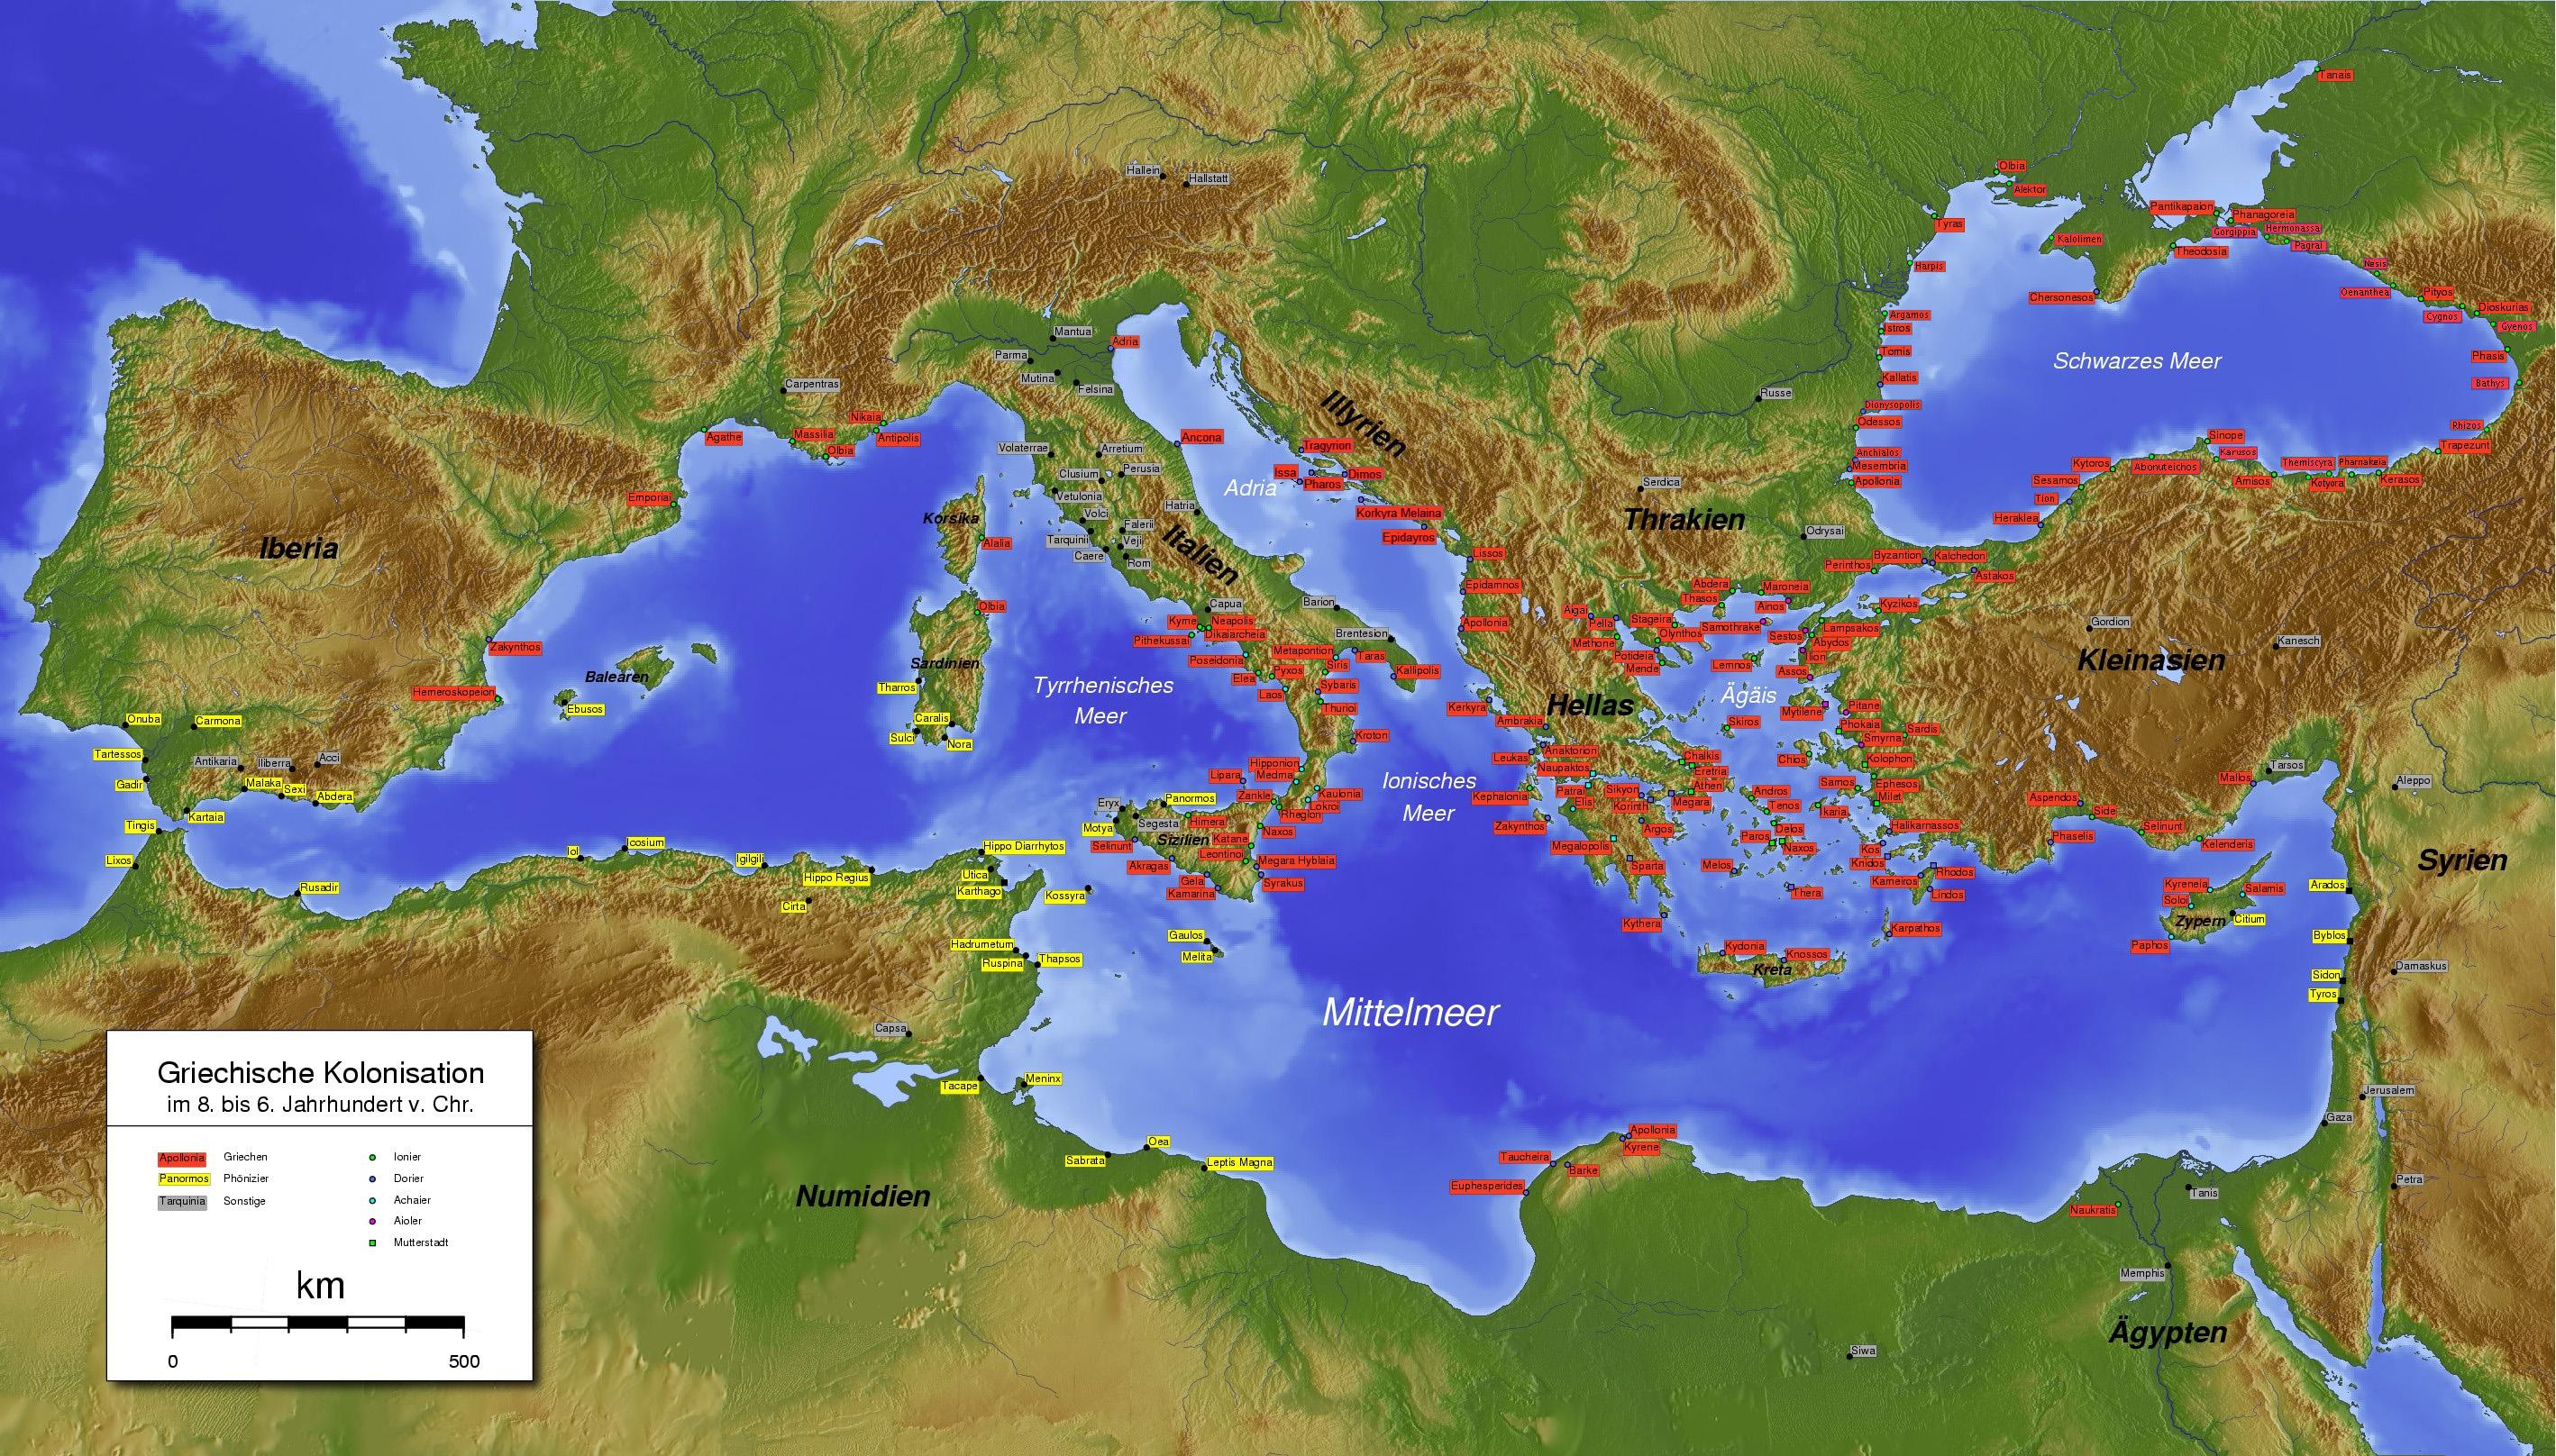 http://upload.wikimedia.org/wikipedia/commons/a/a9/Griechischen_und_phönizischen_Kolonien.jpg